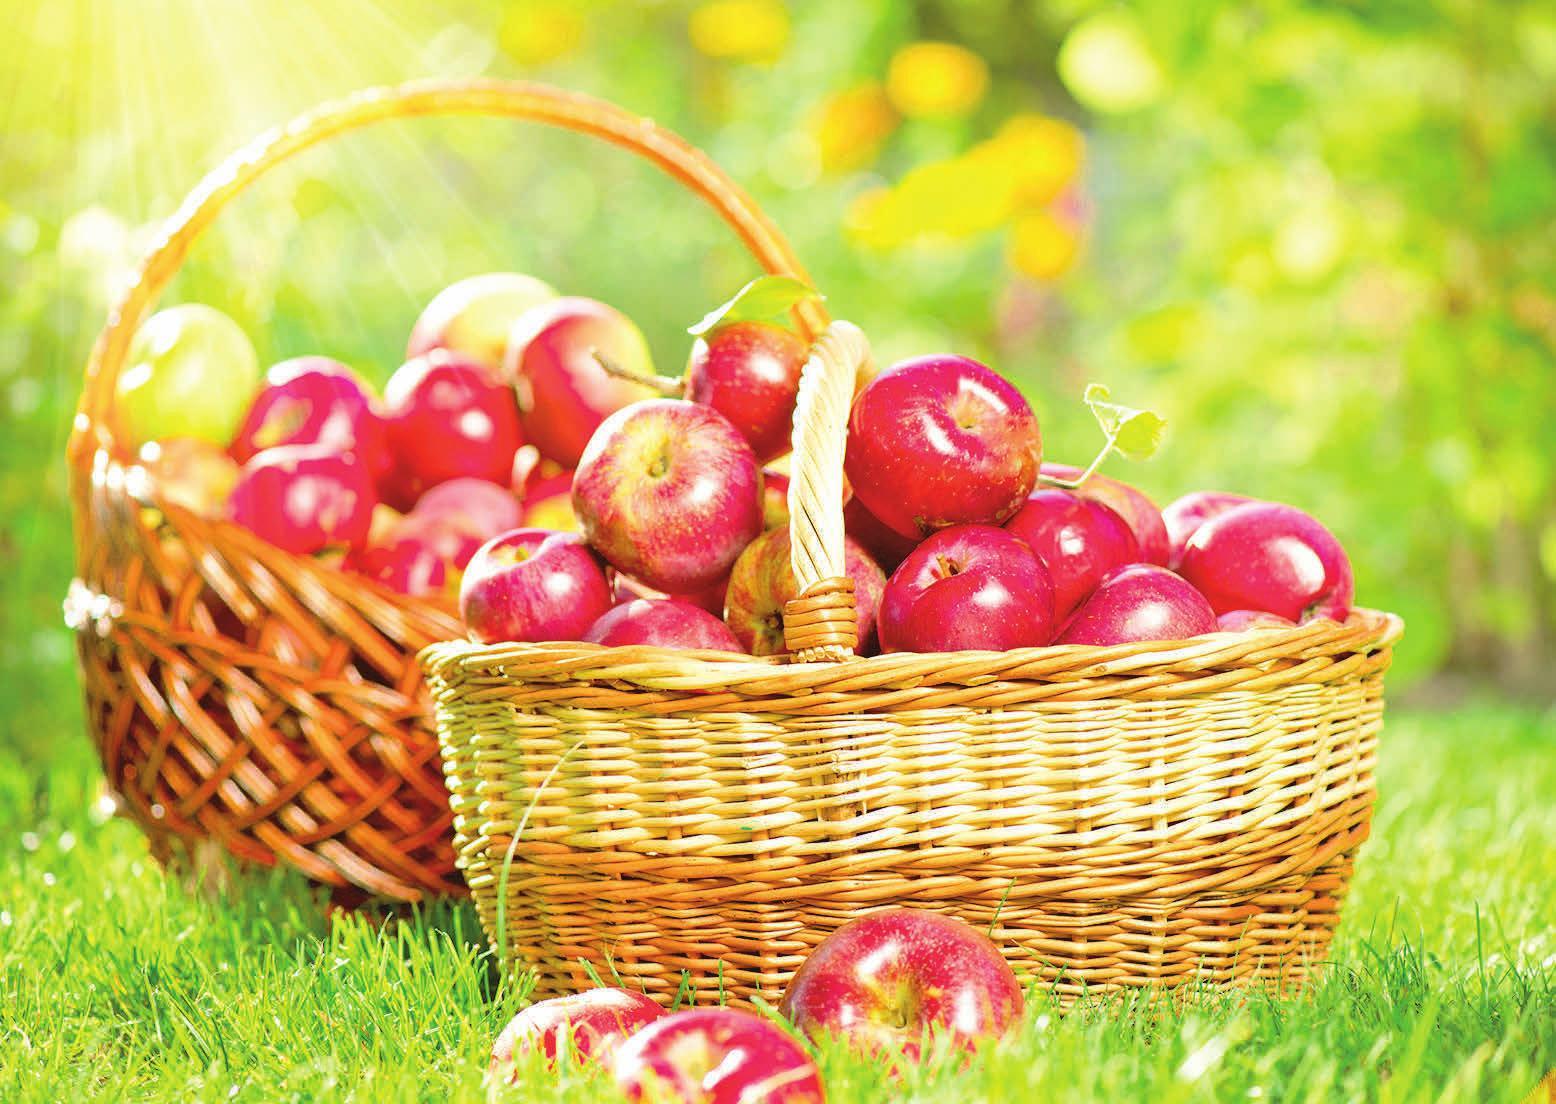 Passend zur Saison gibt es leckeren heißen Apfelsaft für die Besucher. Foto: Subbotina/123RF